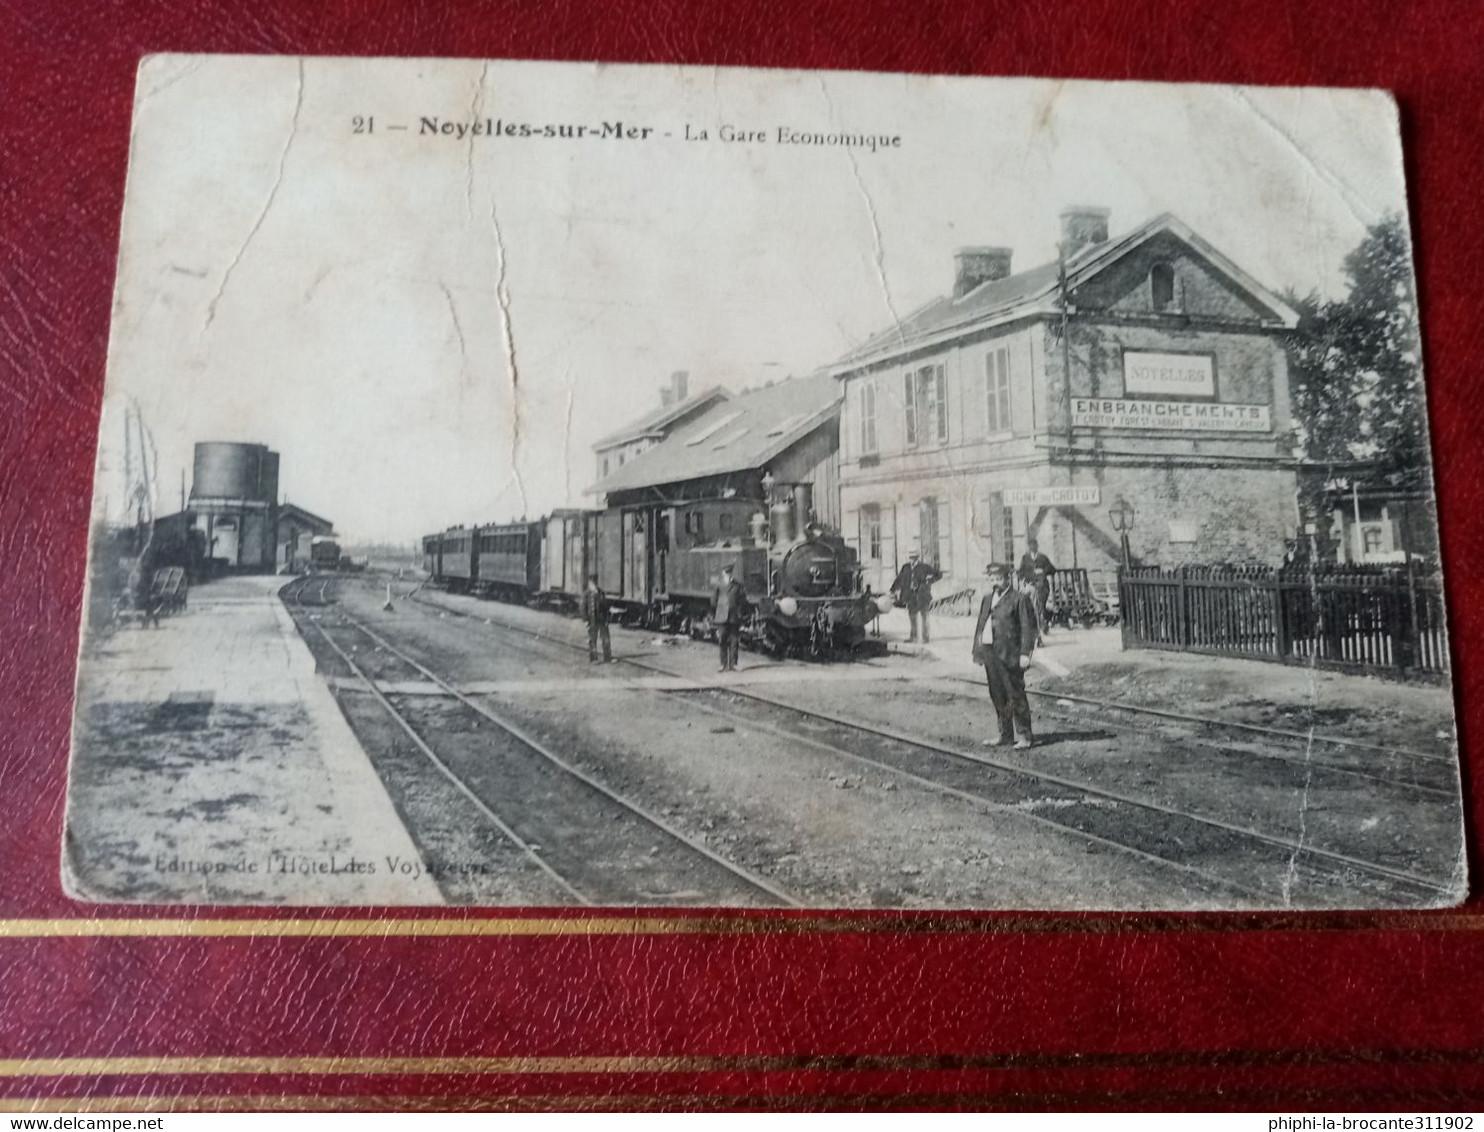 H2: La Gare économique - Noyelles-sur-Mer